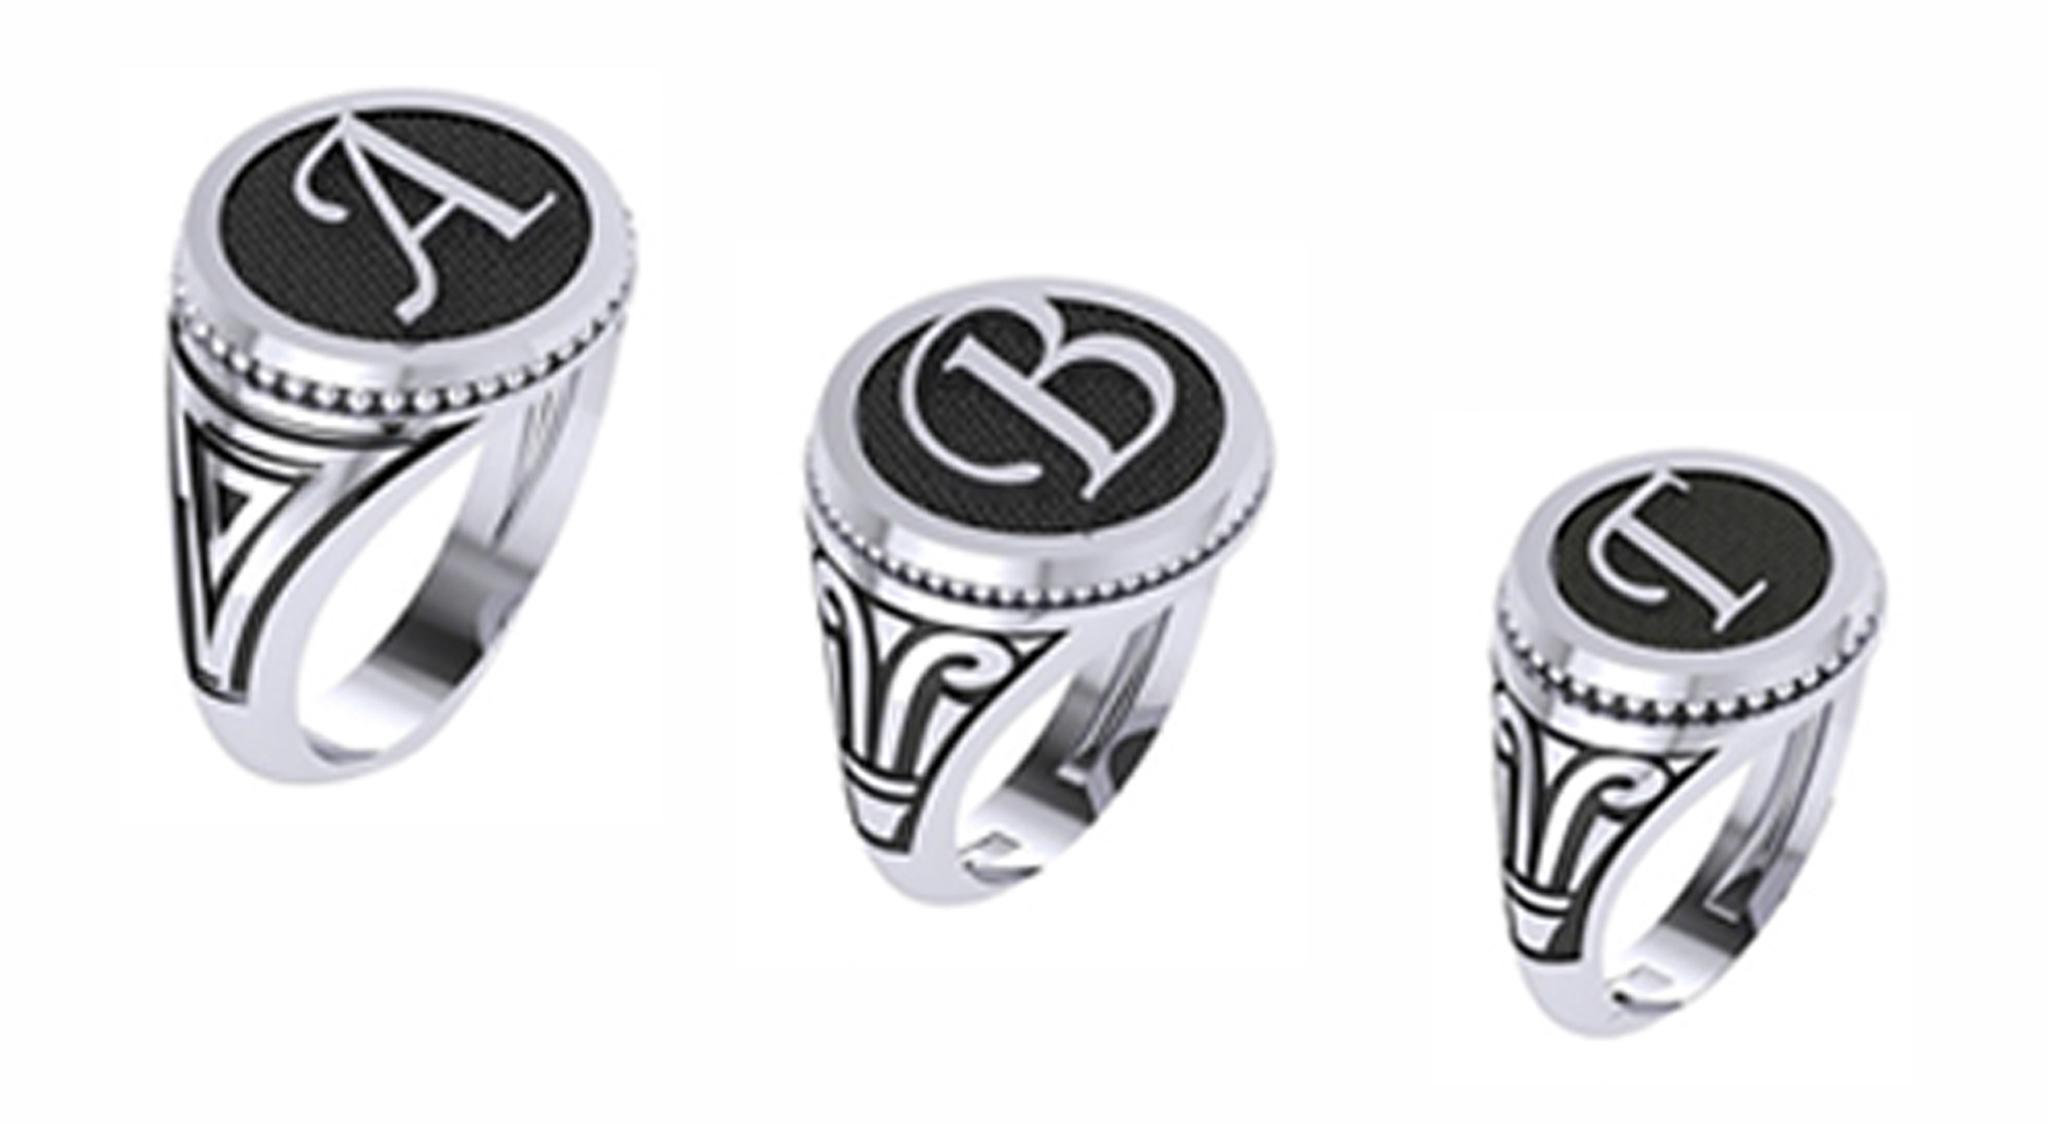 Δαχτυλίδια Σεβαλιέ με Μονογράμματα - Δώρα για την Ονομαστική Εορτή